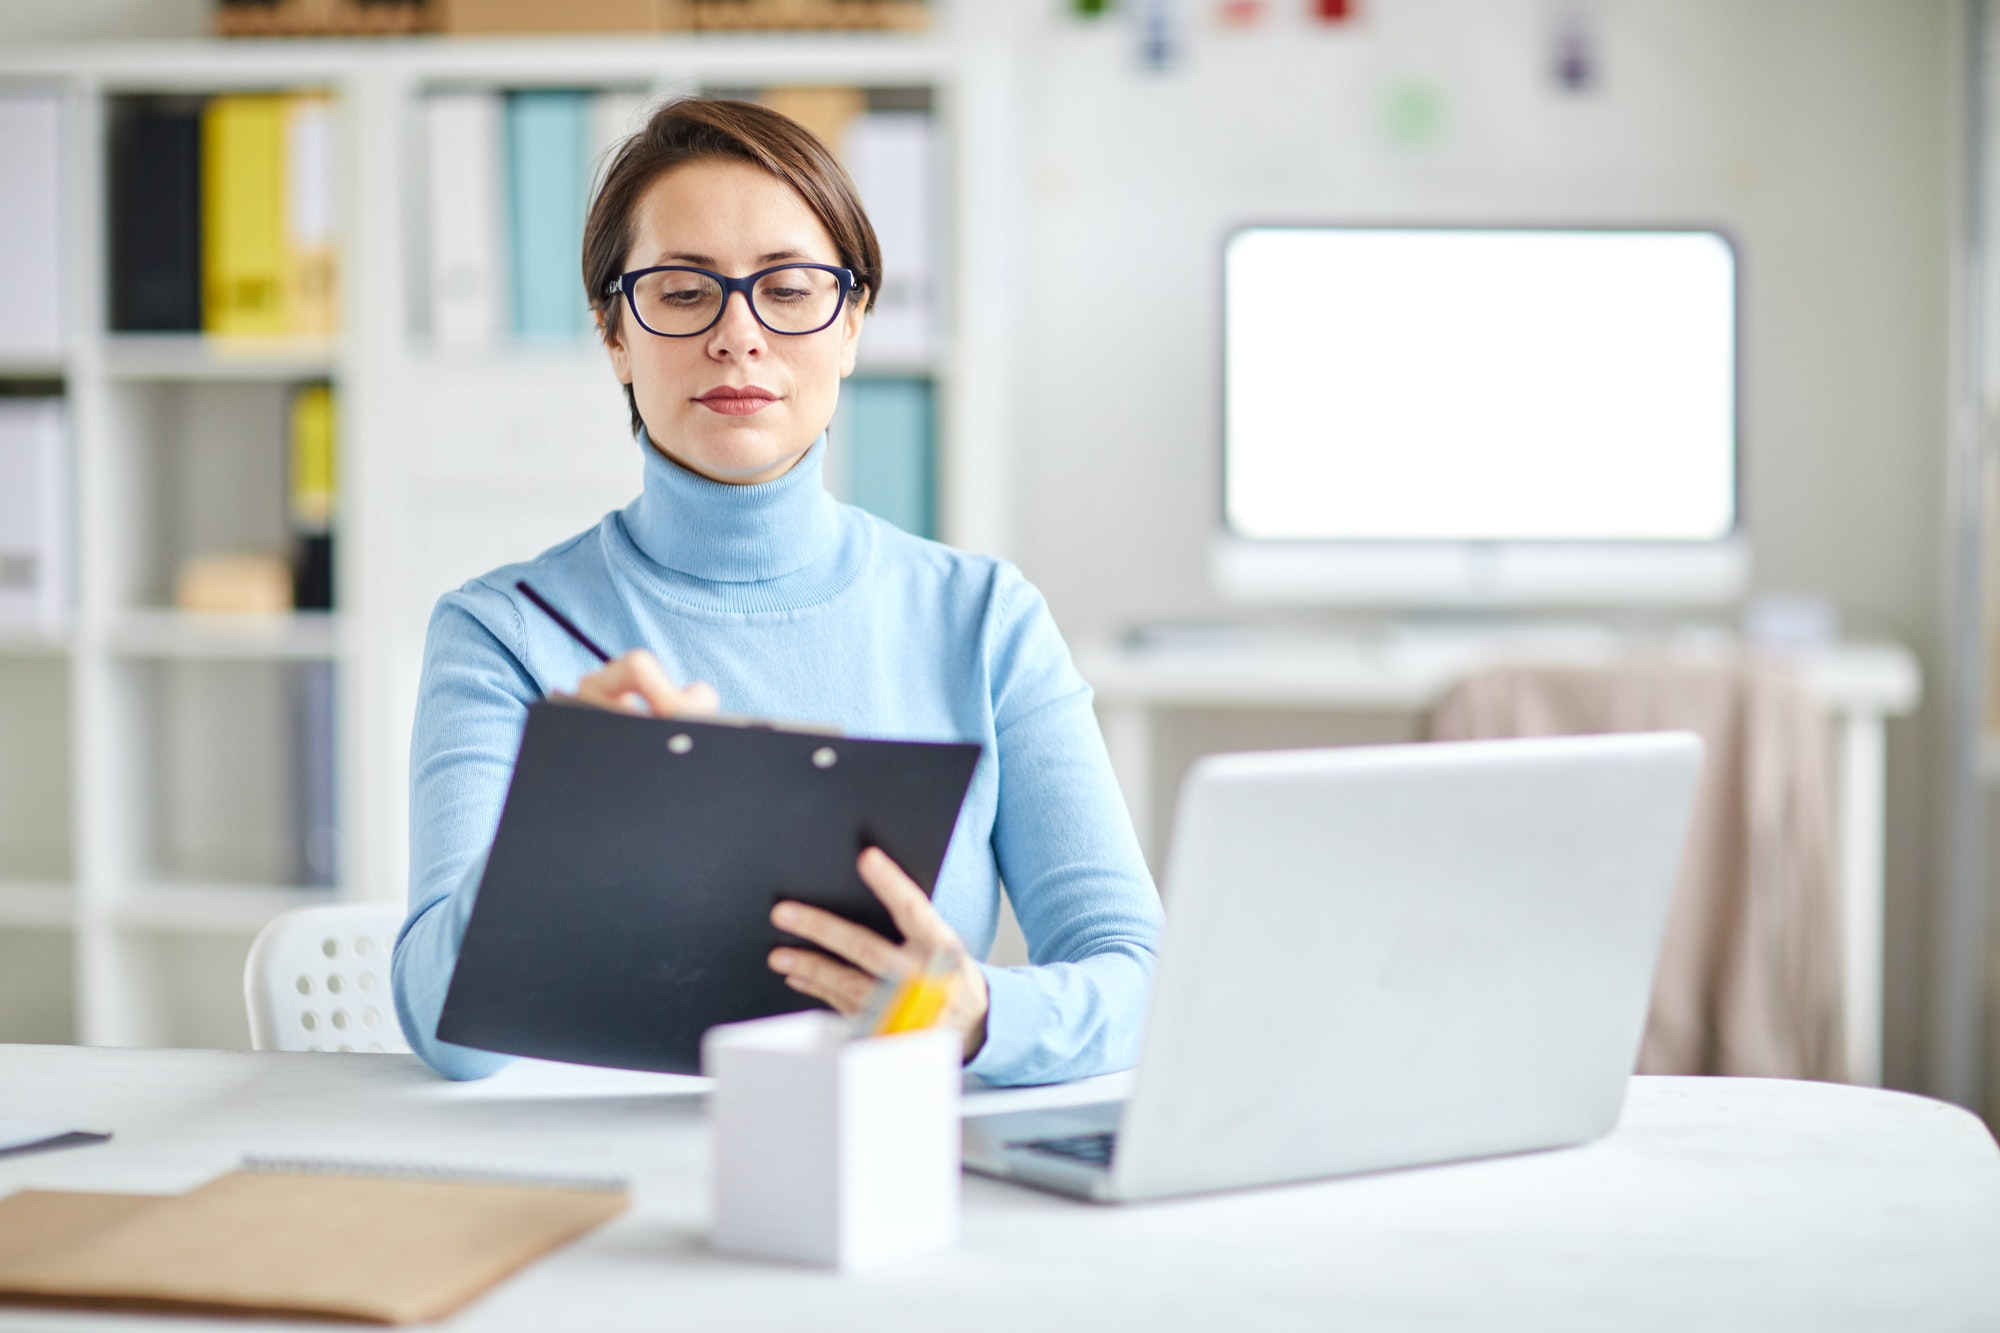 Secretary by workplace